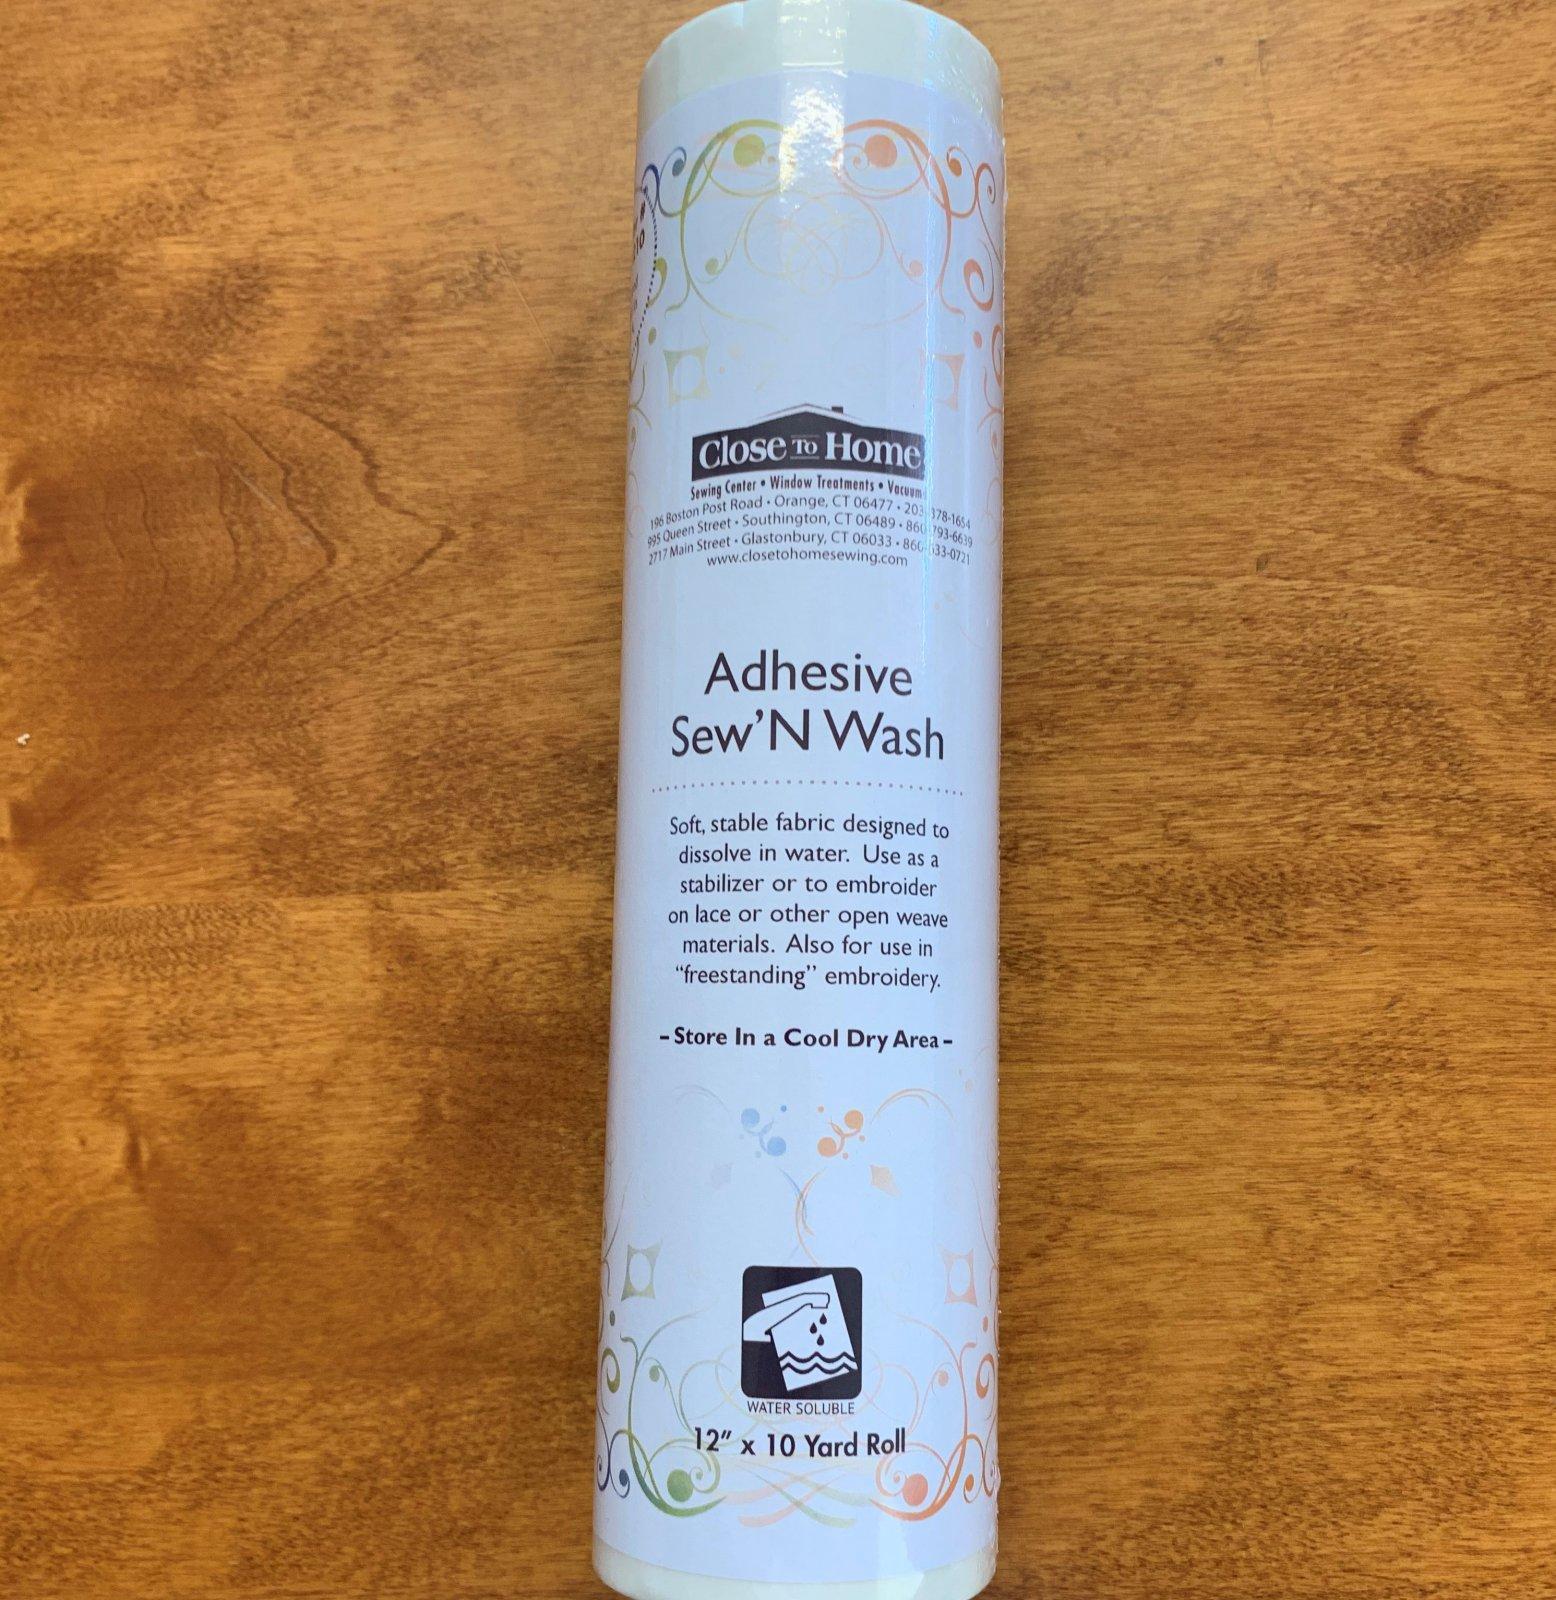 Adhesive Sew N Wash 12 x 10